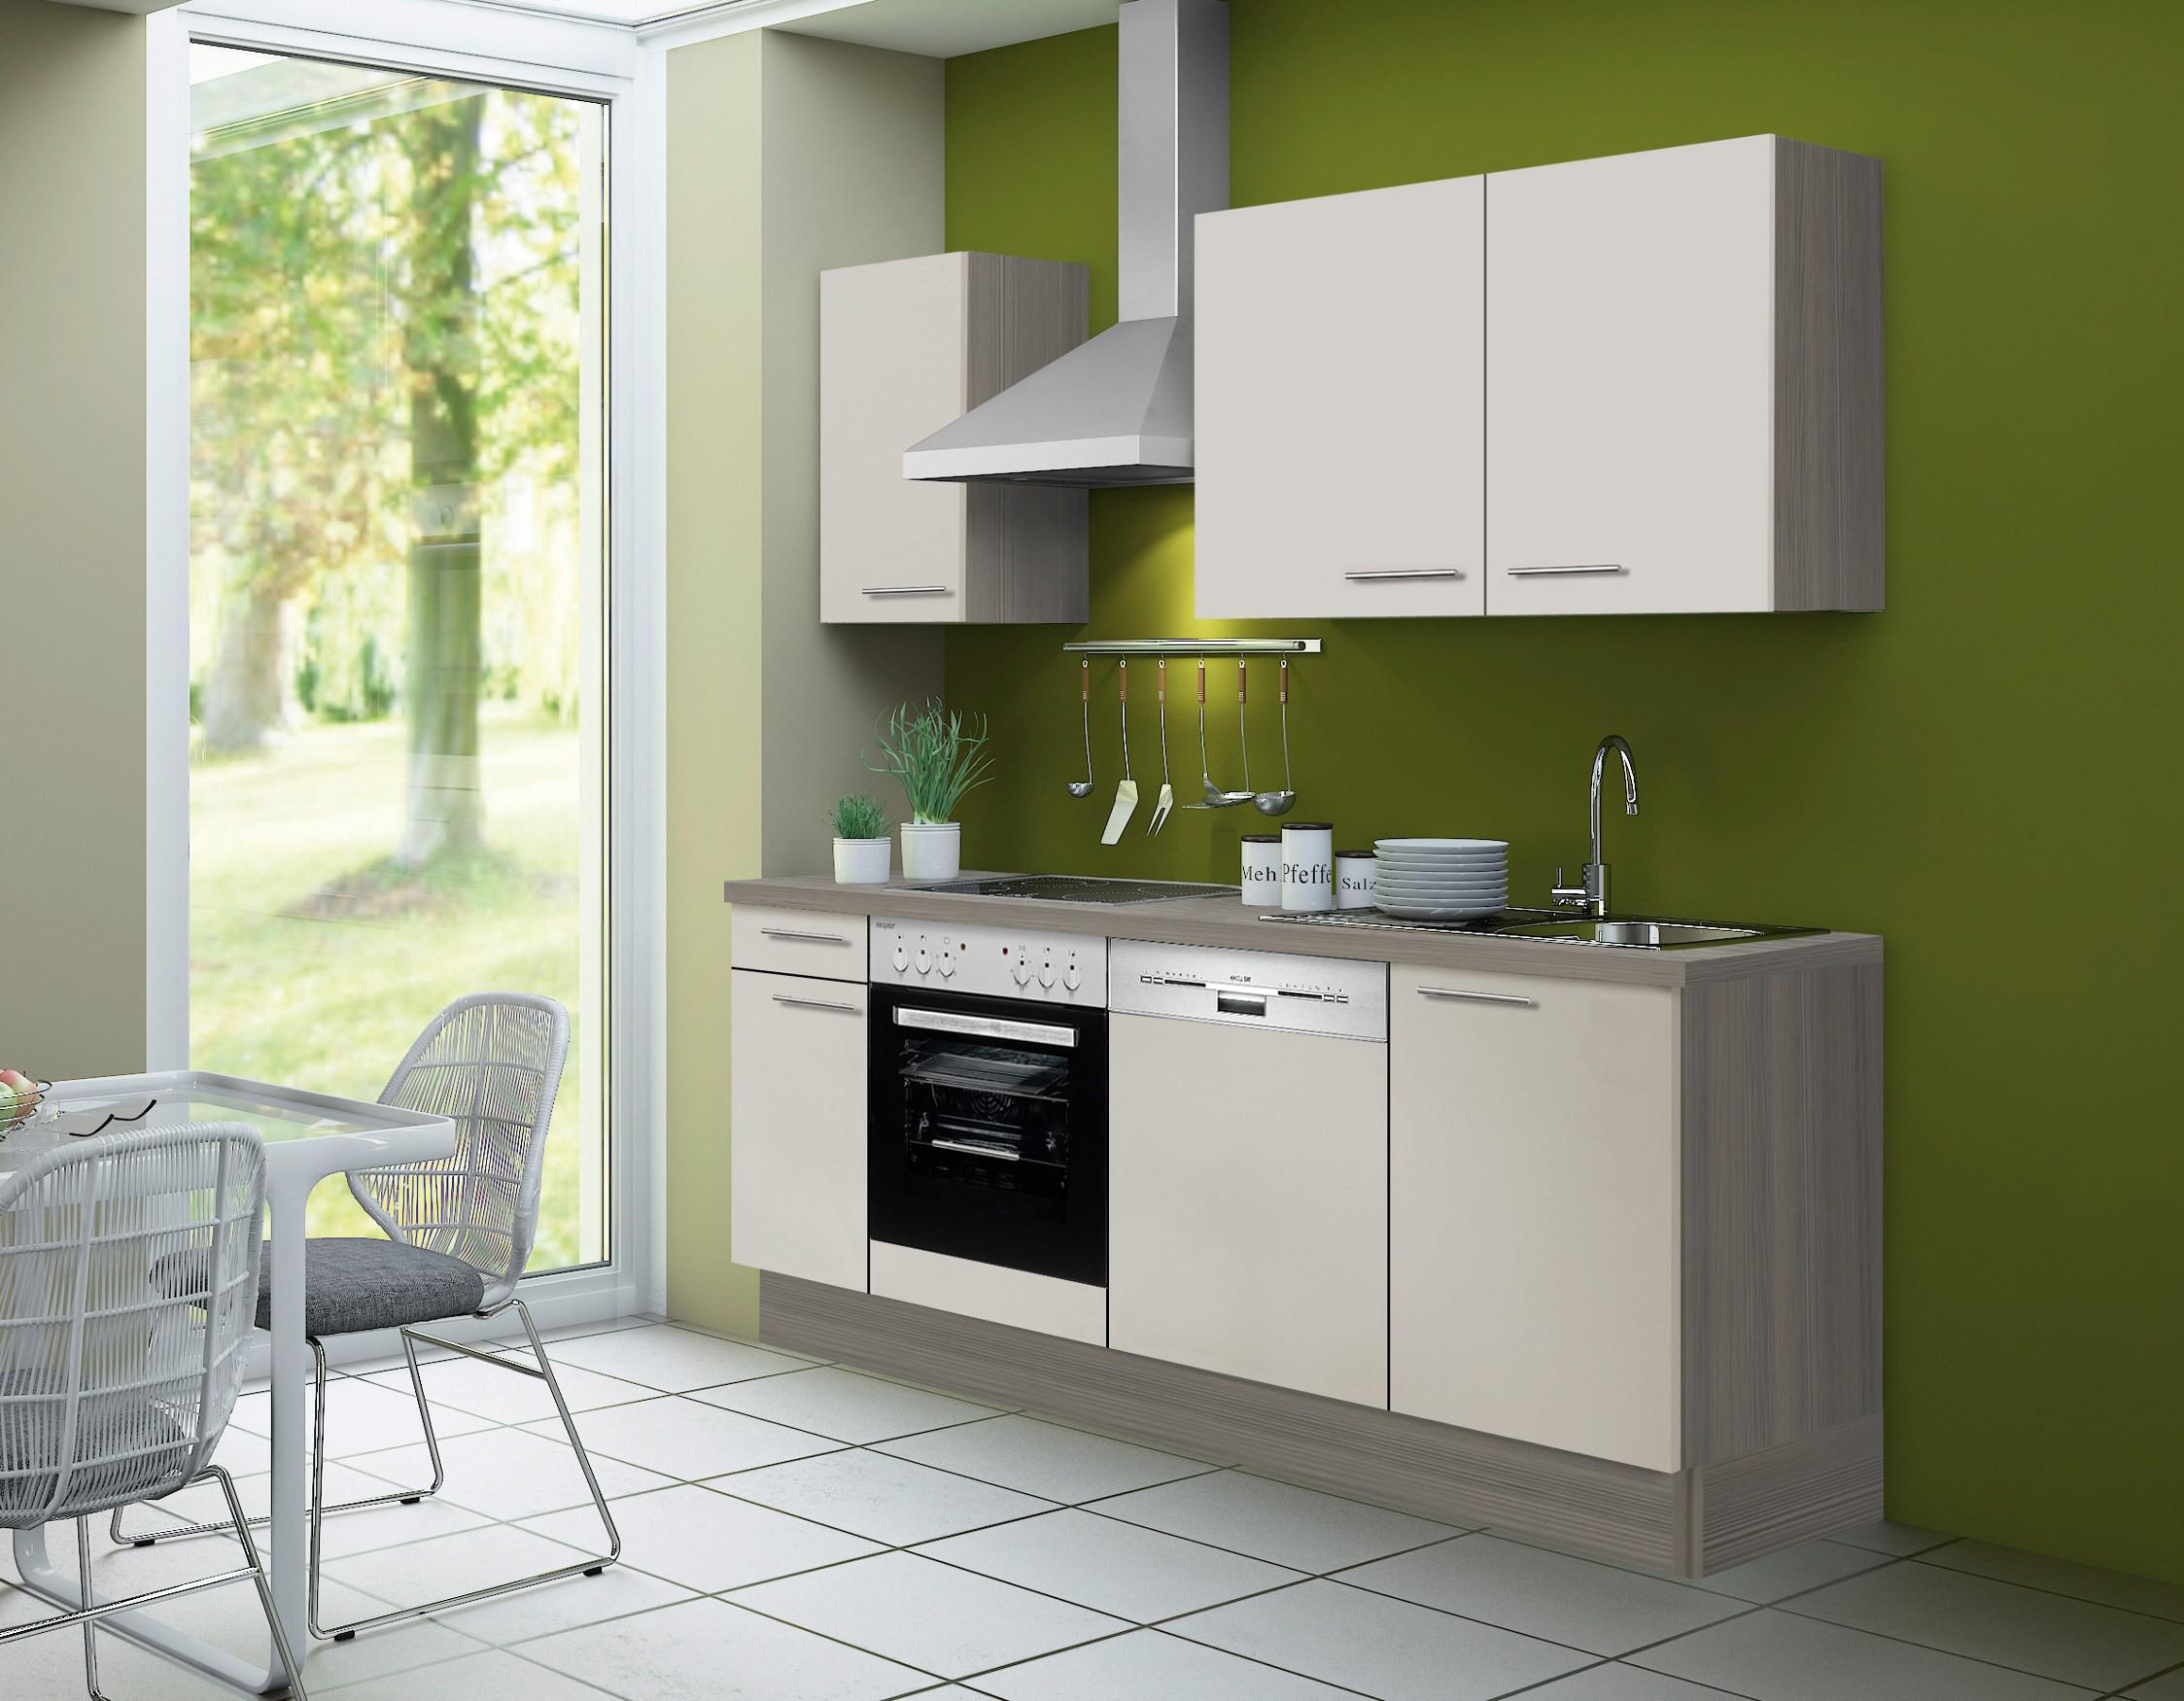 k chenzeile cadiz vario 2 1 k che mit e ger ten breite 210 cm beige k che k chenzeilen. Black Bedroom Furniture Sets. Home Design Ideas